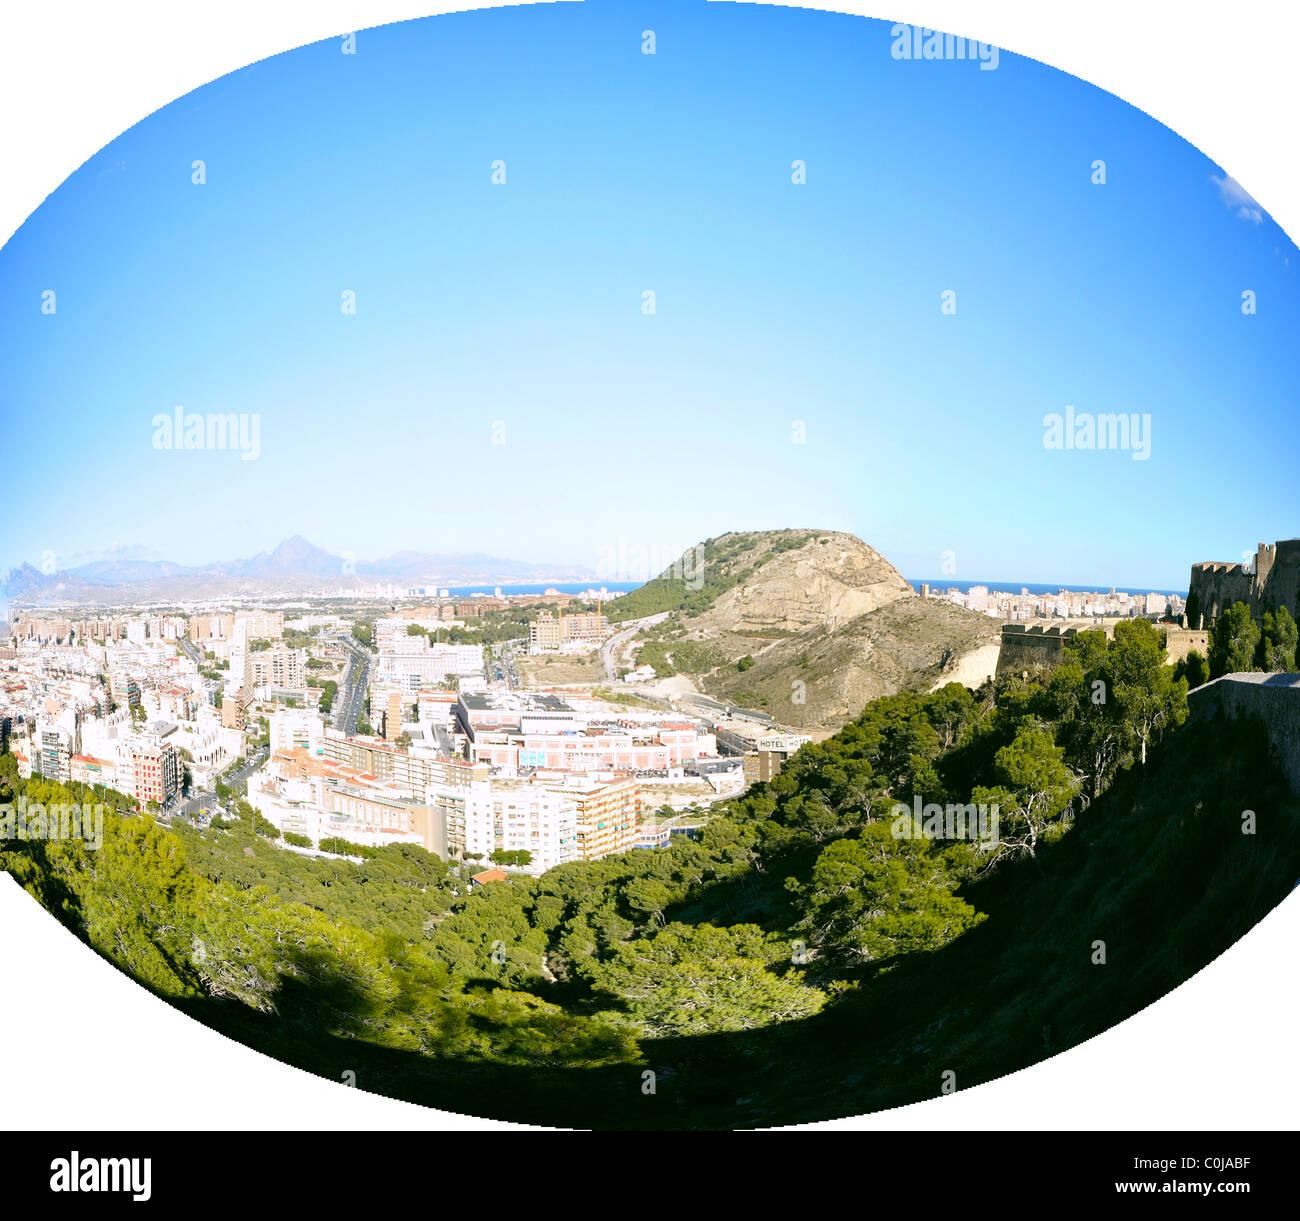 Panorama de la ciudad de Alicante con el cielo claro sin nubes Imagen De Stock